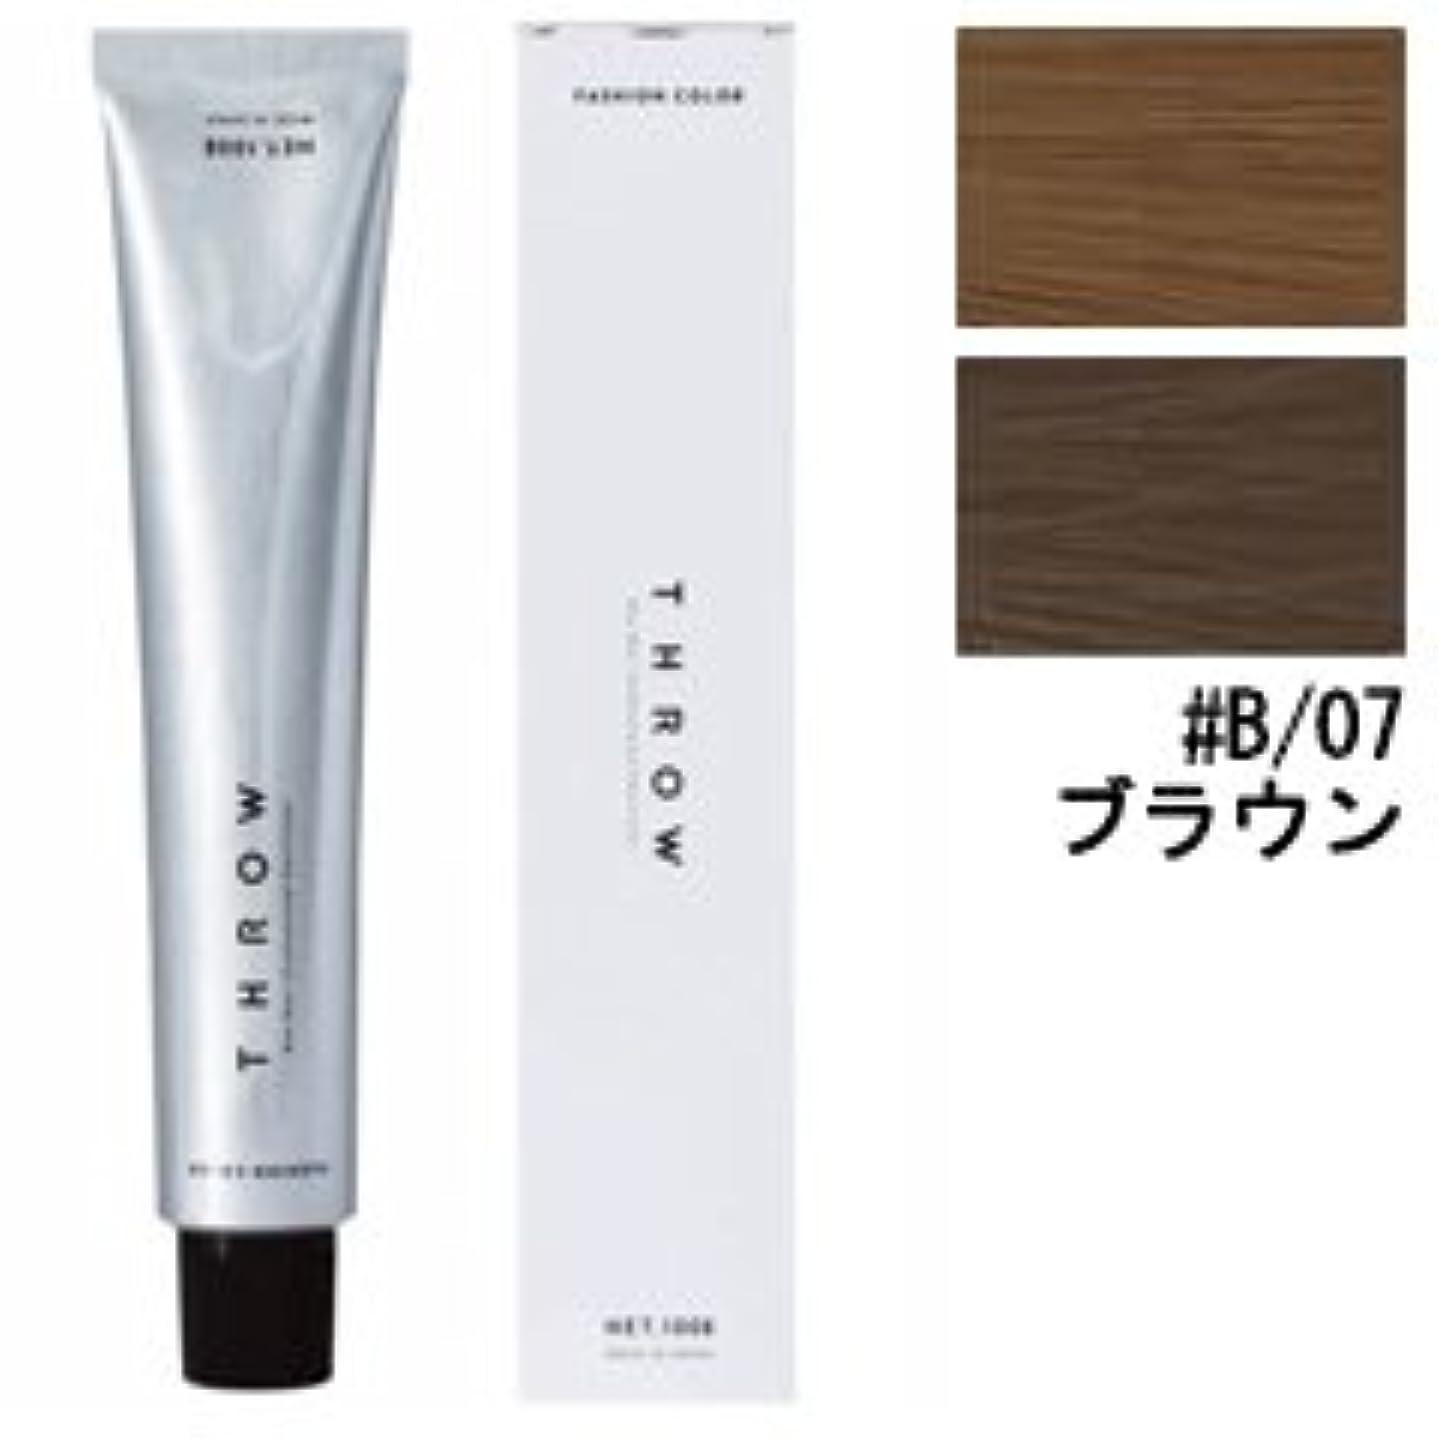 切手フィード相互接続【モルトベーネ】スロウ ファッションカラー #B/07 ブラウン 100g